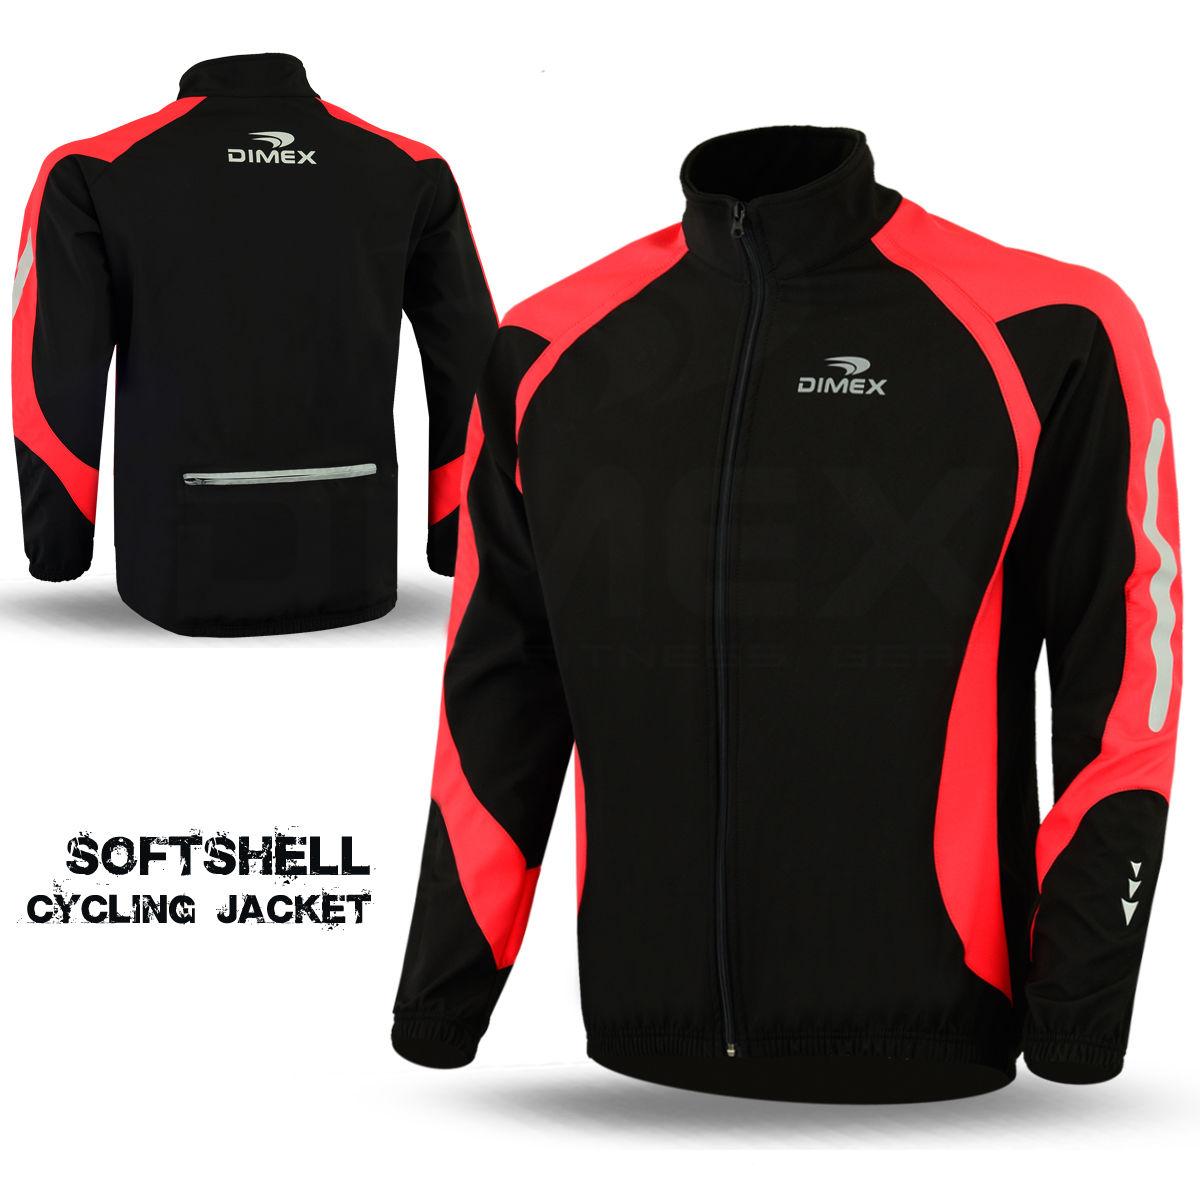 laaja valikoima myynti vähittäiskauppias tavata Details about Cycling Jackets Winter Soft Shell Thermal Fleece Windproof  Bike Long Sleeve Coat